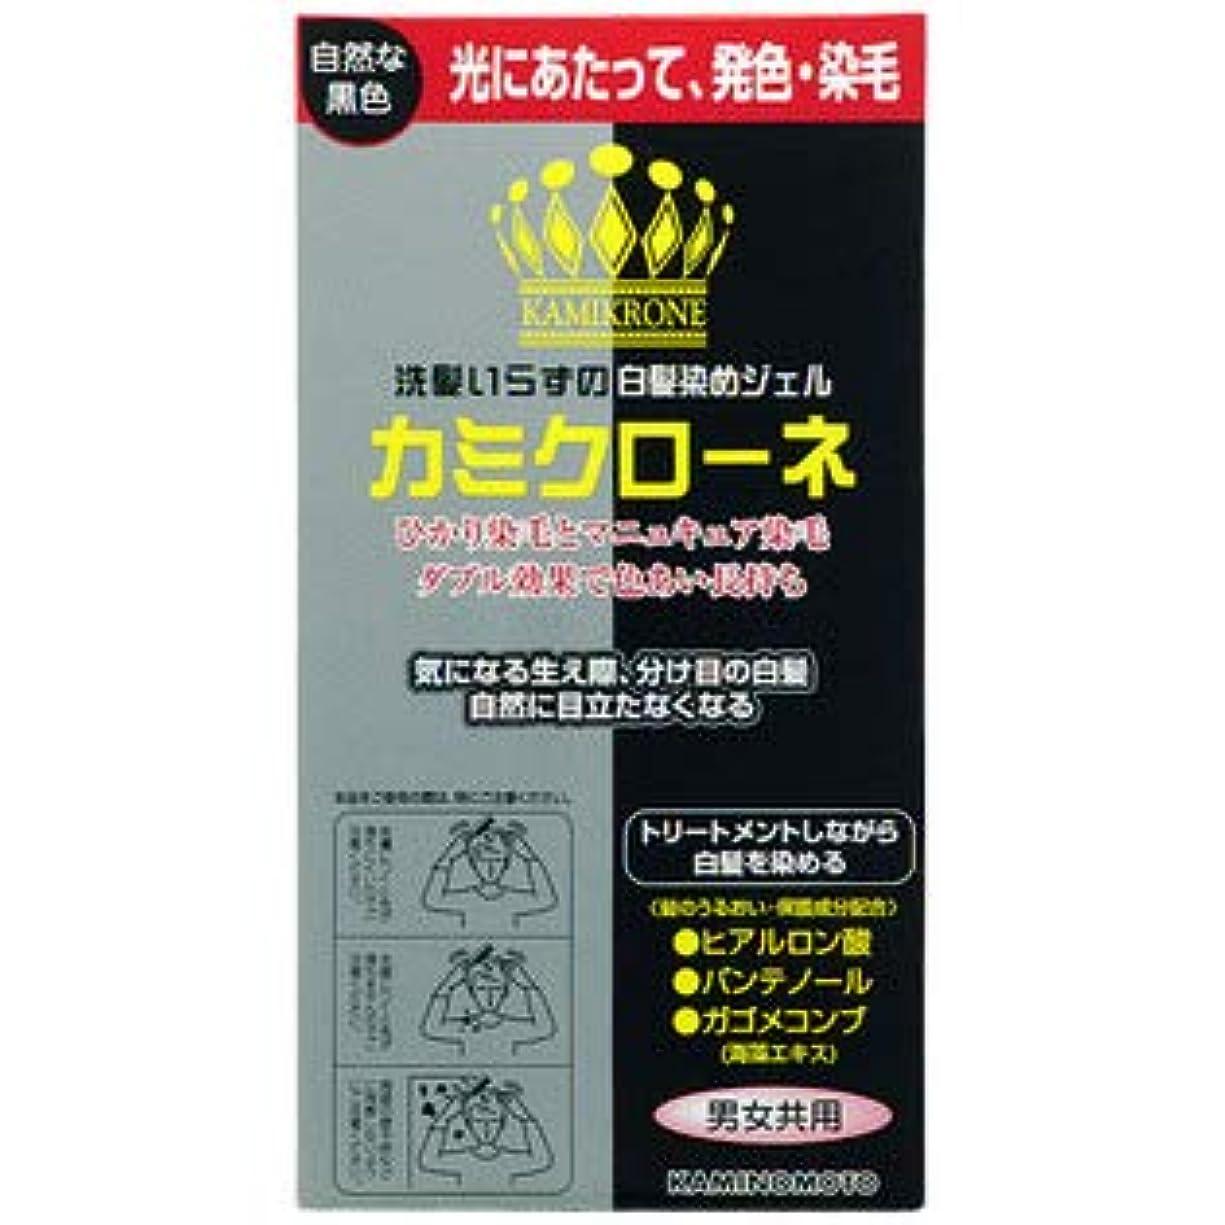 マグポジティブ鏡【3個】 加美乃素 カミクローネ 自然な黒色 80mlx3個 (4987046820013)